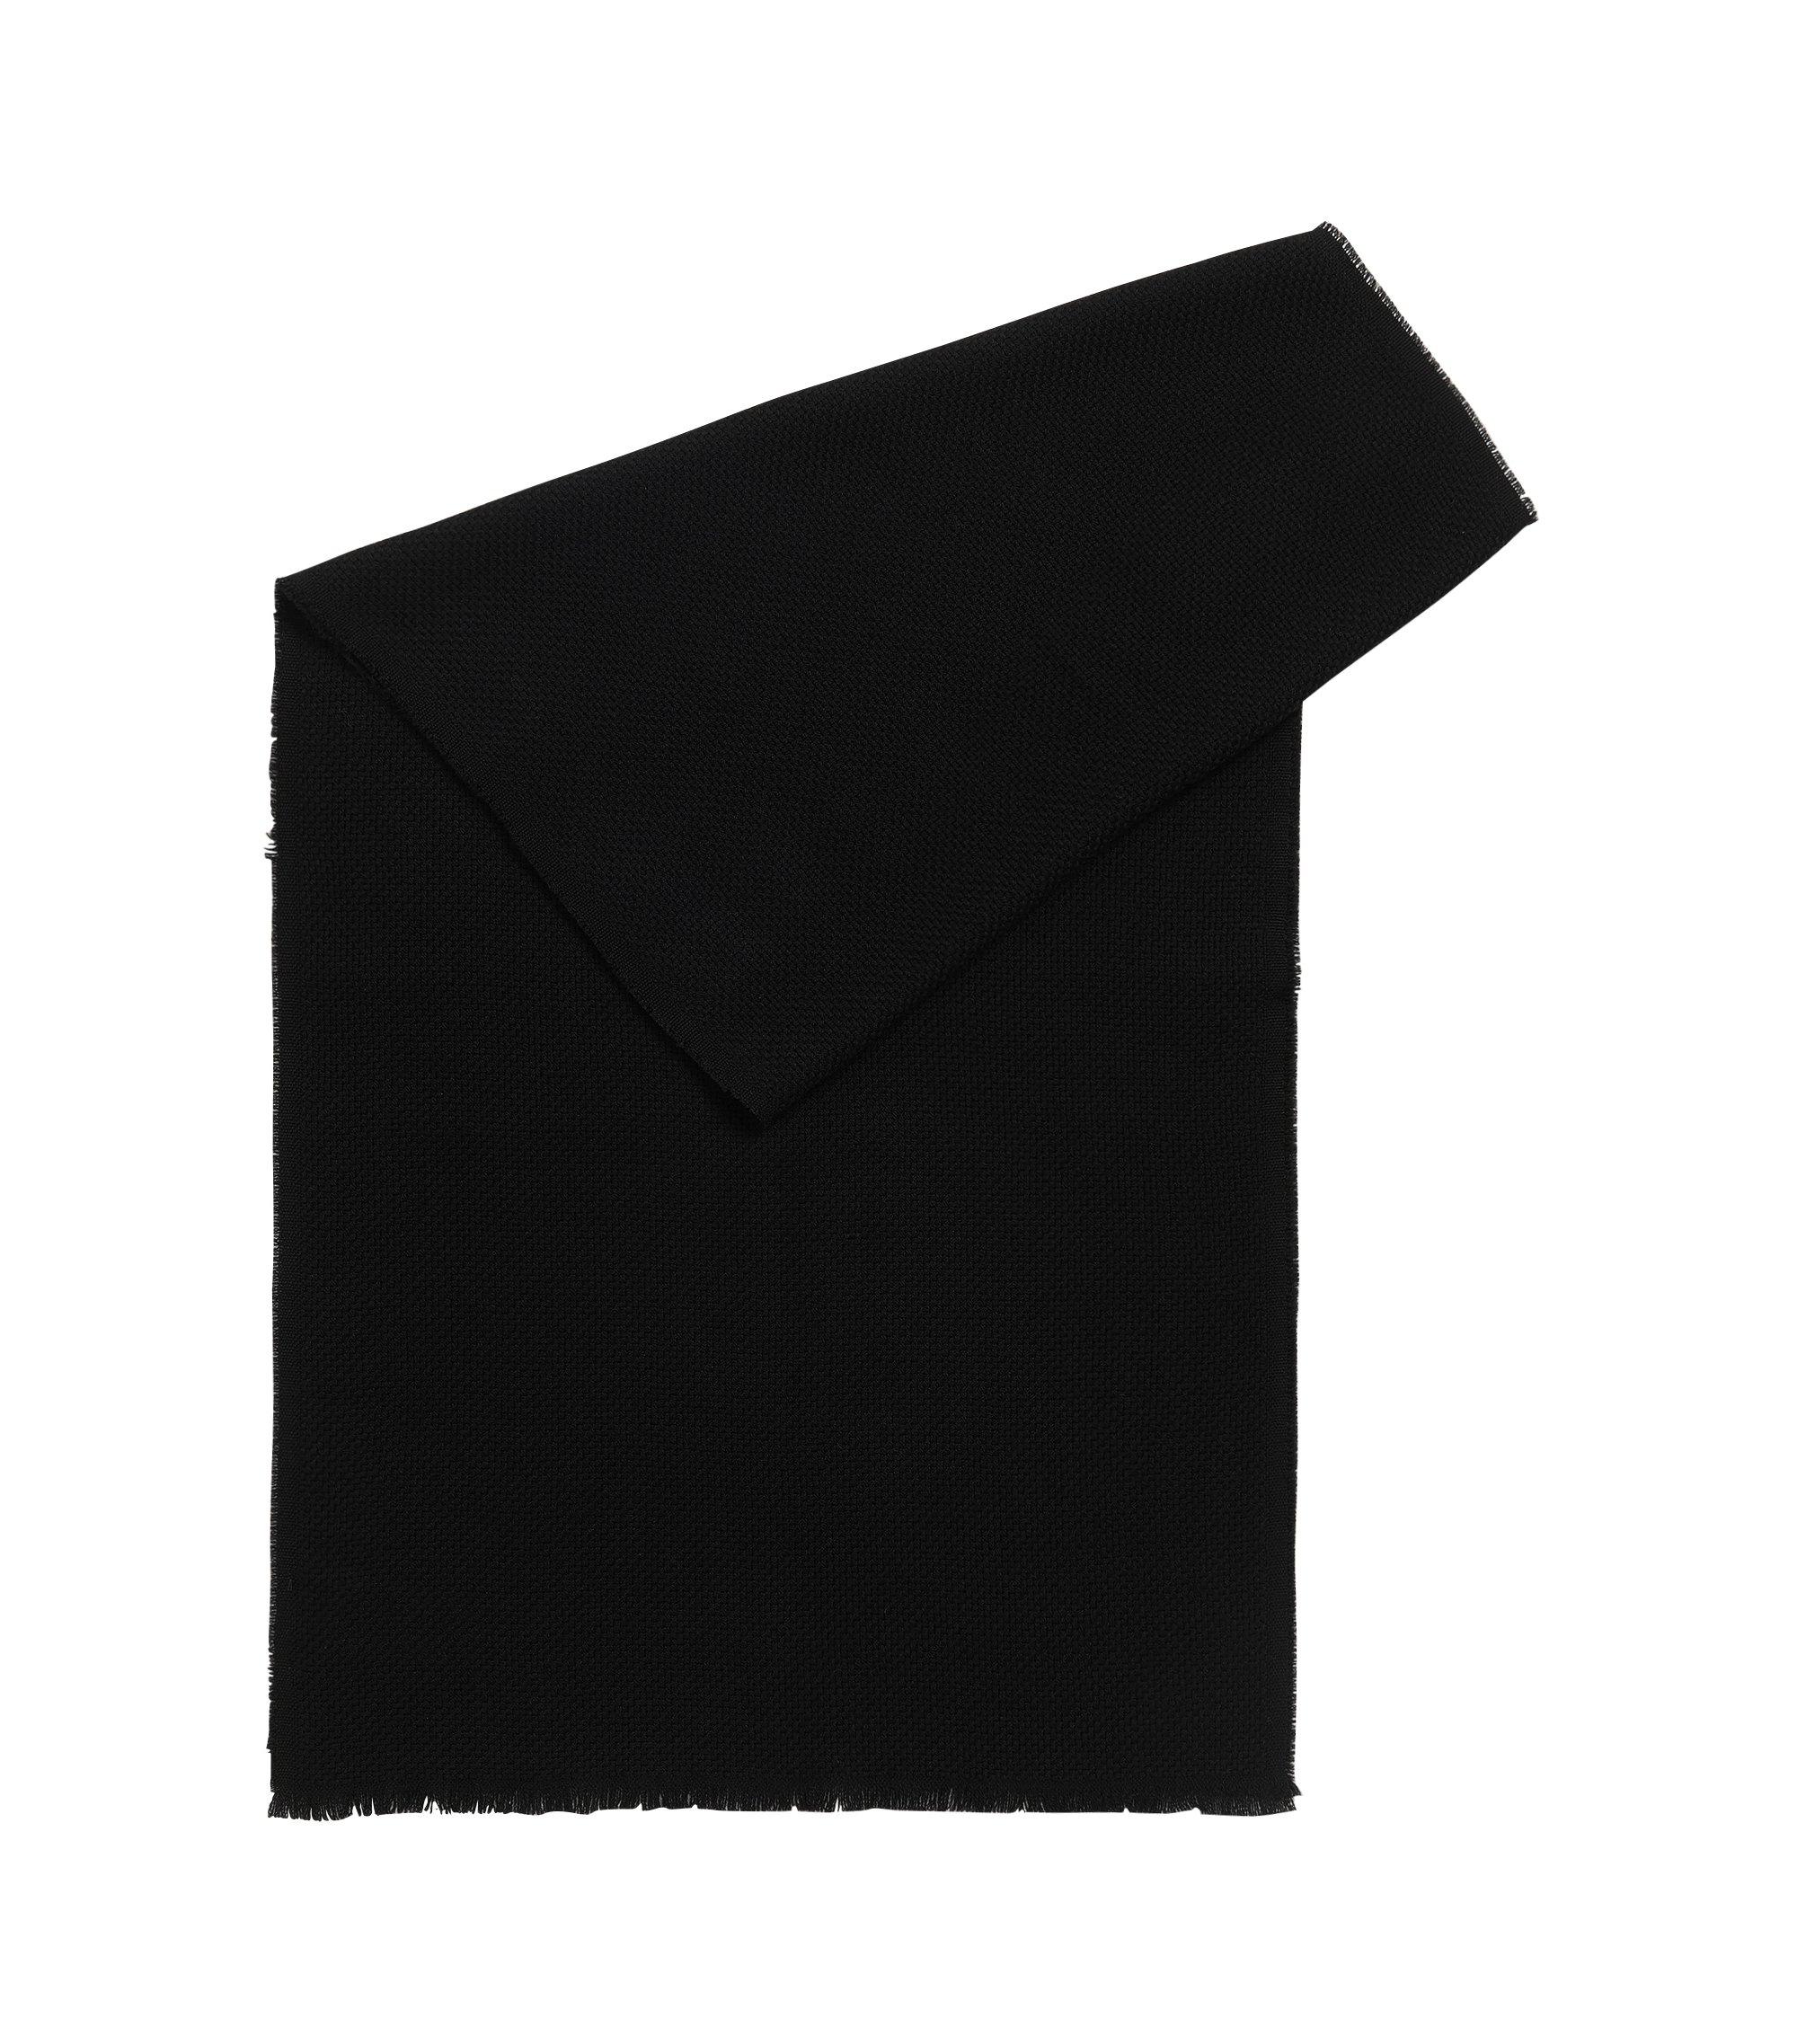 Sjaal van wol met gestructureerd weefpatroon, Zwart